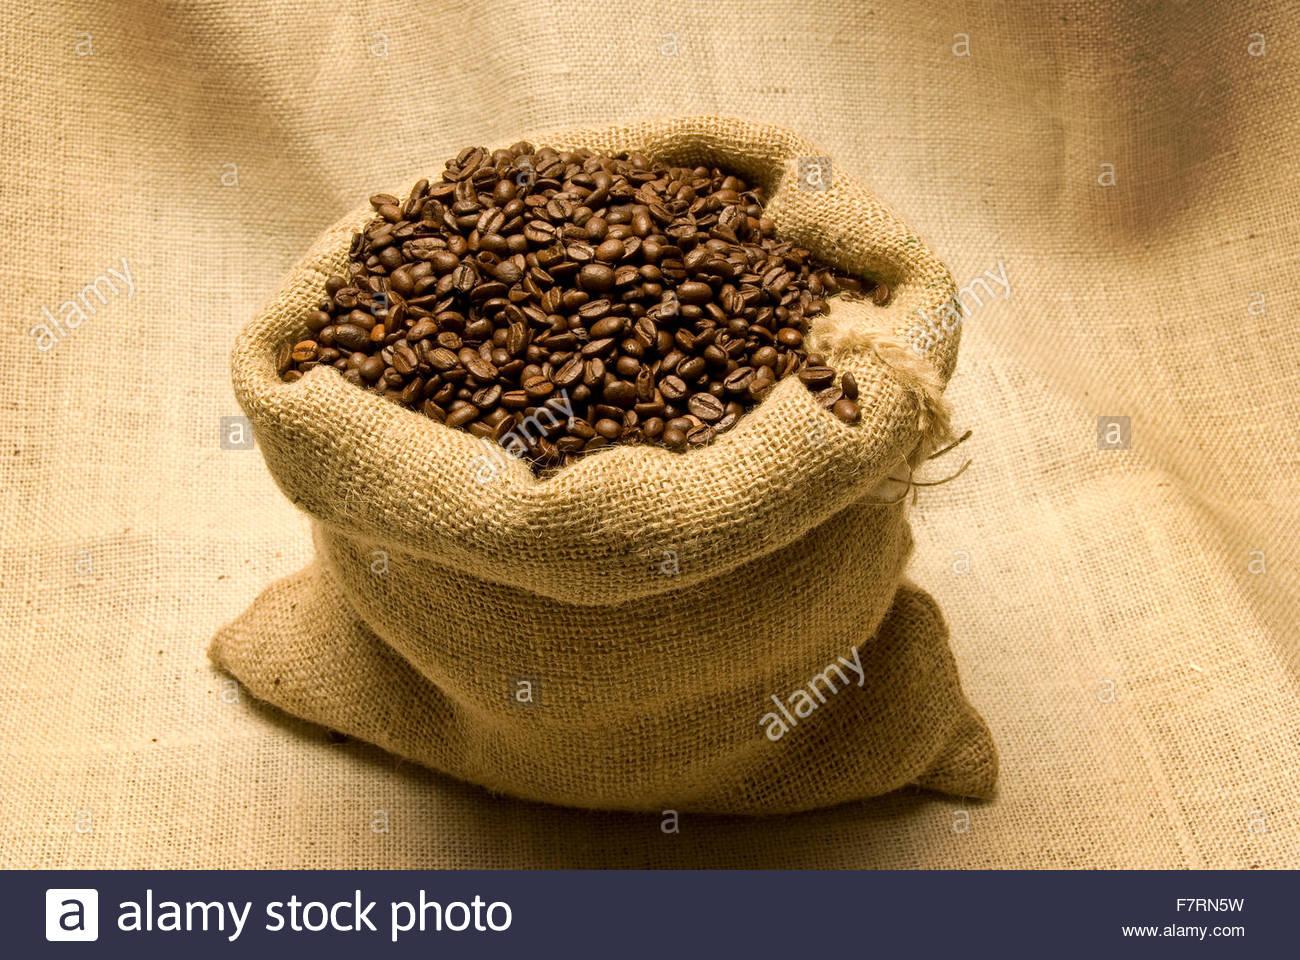 Burlap Bag Full of Coffee Beans - Stock Image